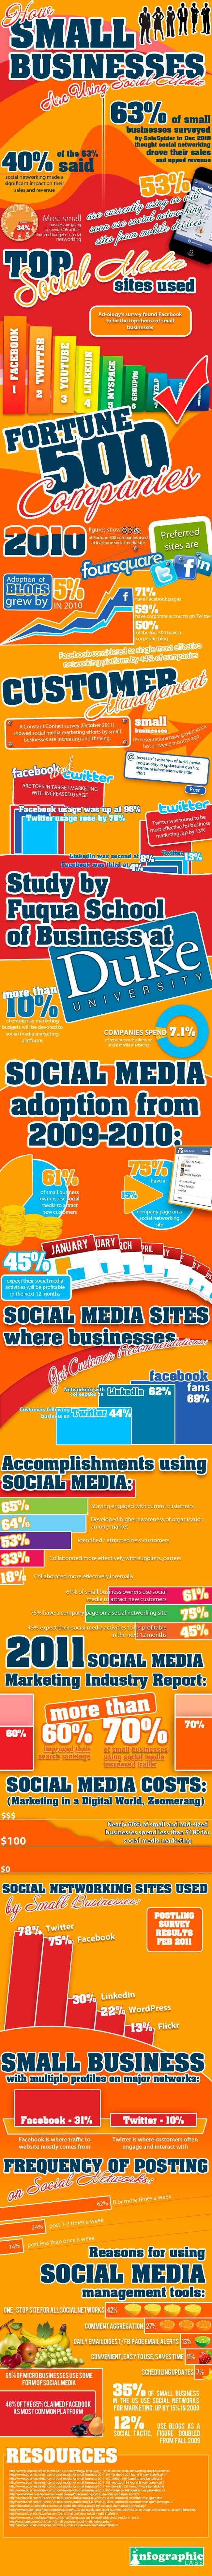 PME et réseaux sociaux : L'étude date d'il y a trois ans mais comme c'est notre retard sur les anglophones ... ;-)